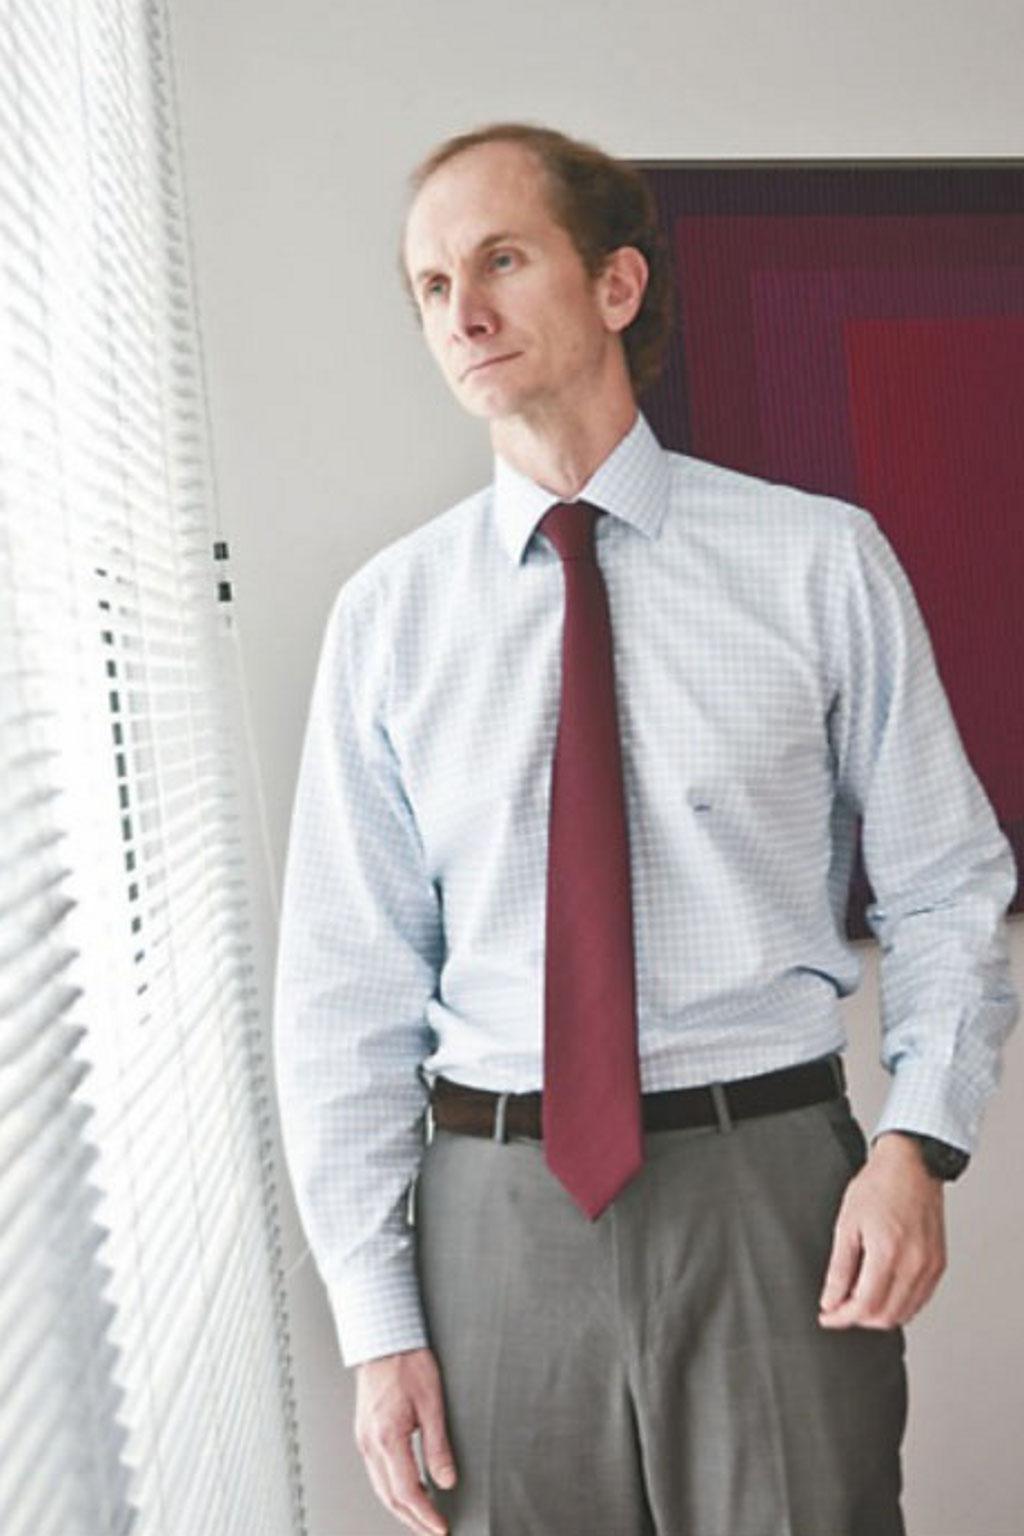 Alessandro Horta o comandante dos investimentos da Vinci